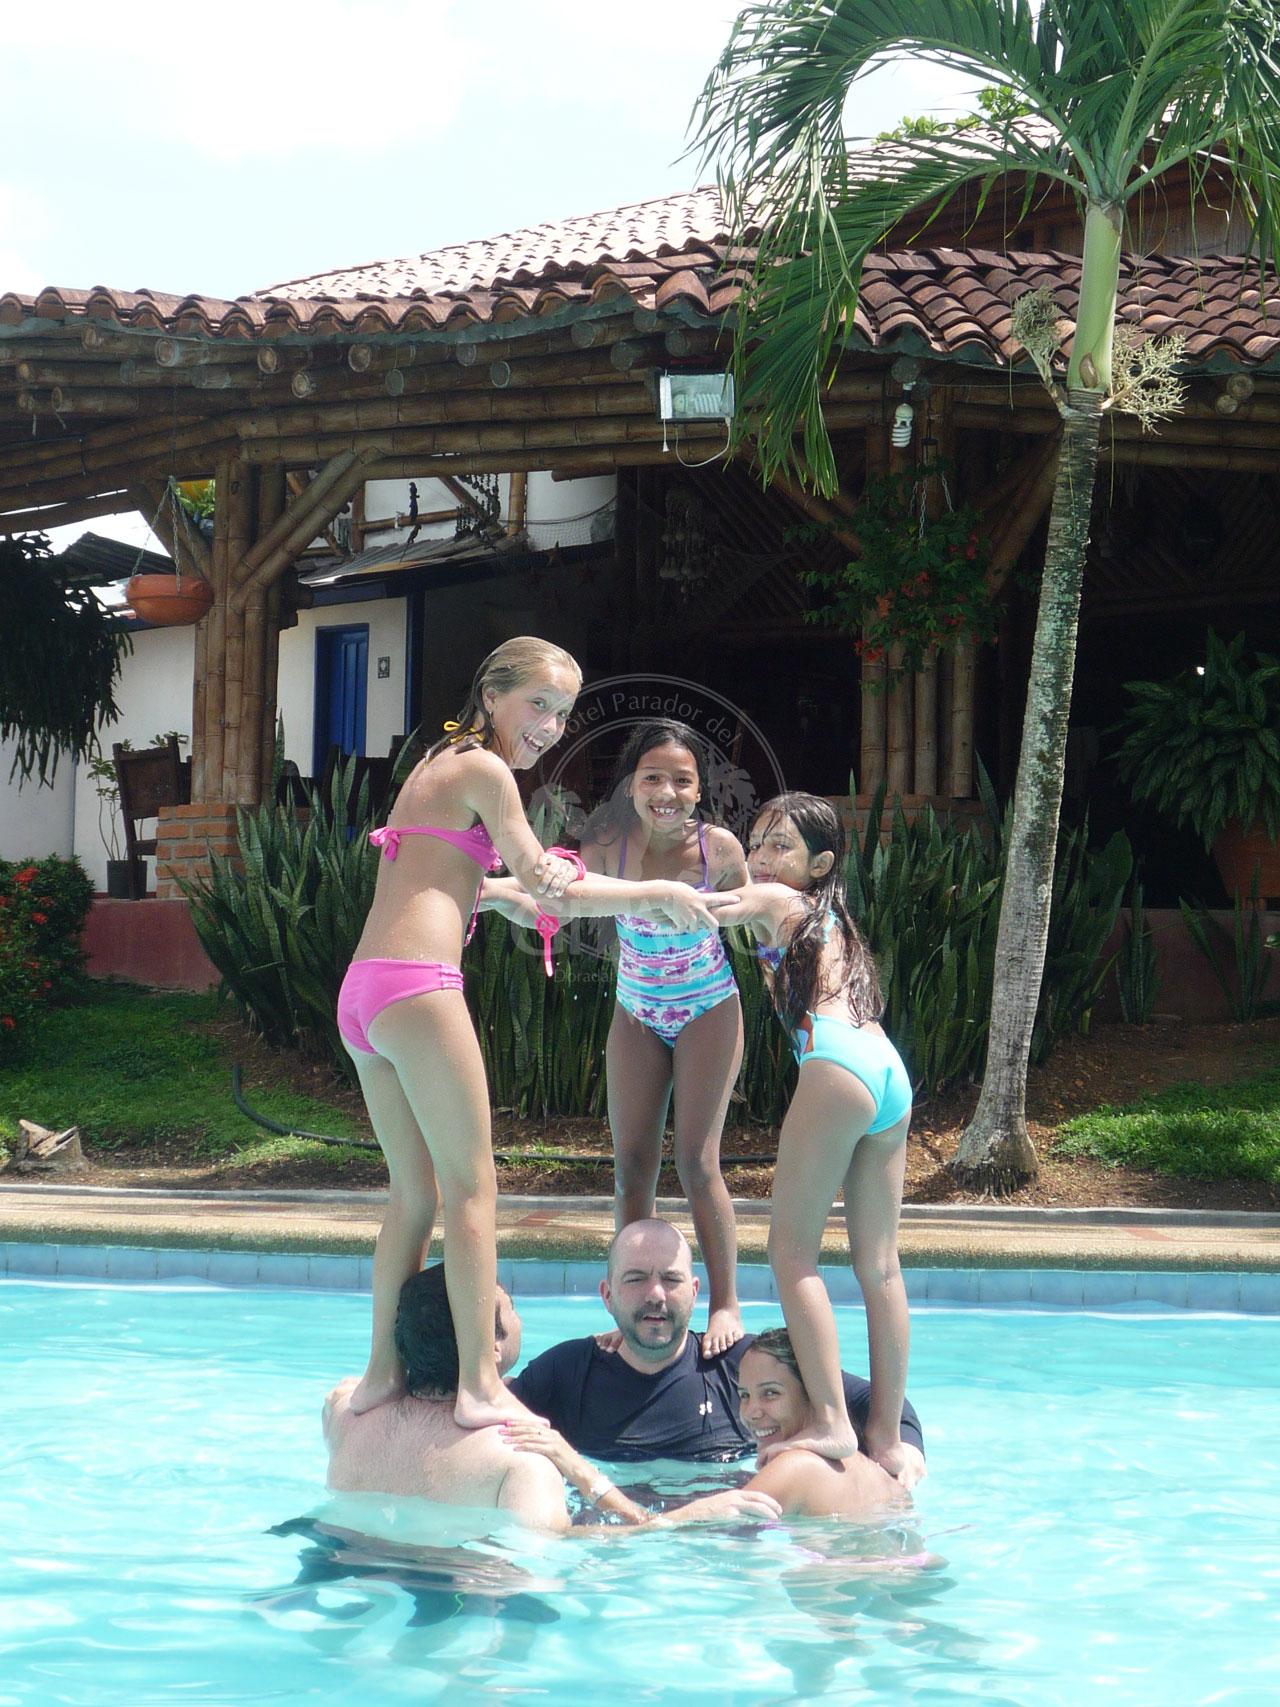 Un placer jugar y refrescarse en el agua - Hotel & Restaurante Parador del gitano - Nápoles - Doradal - Rio claro